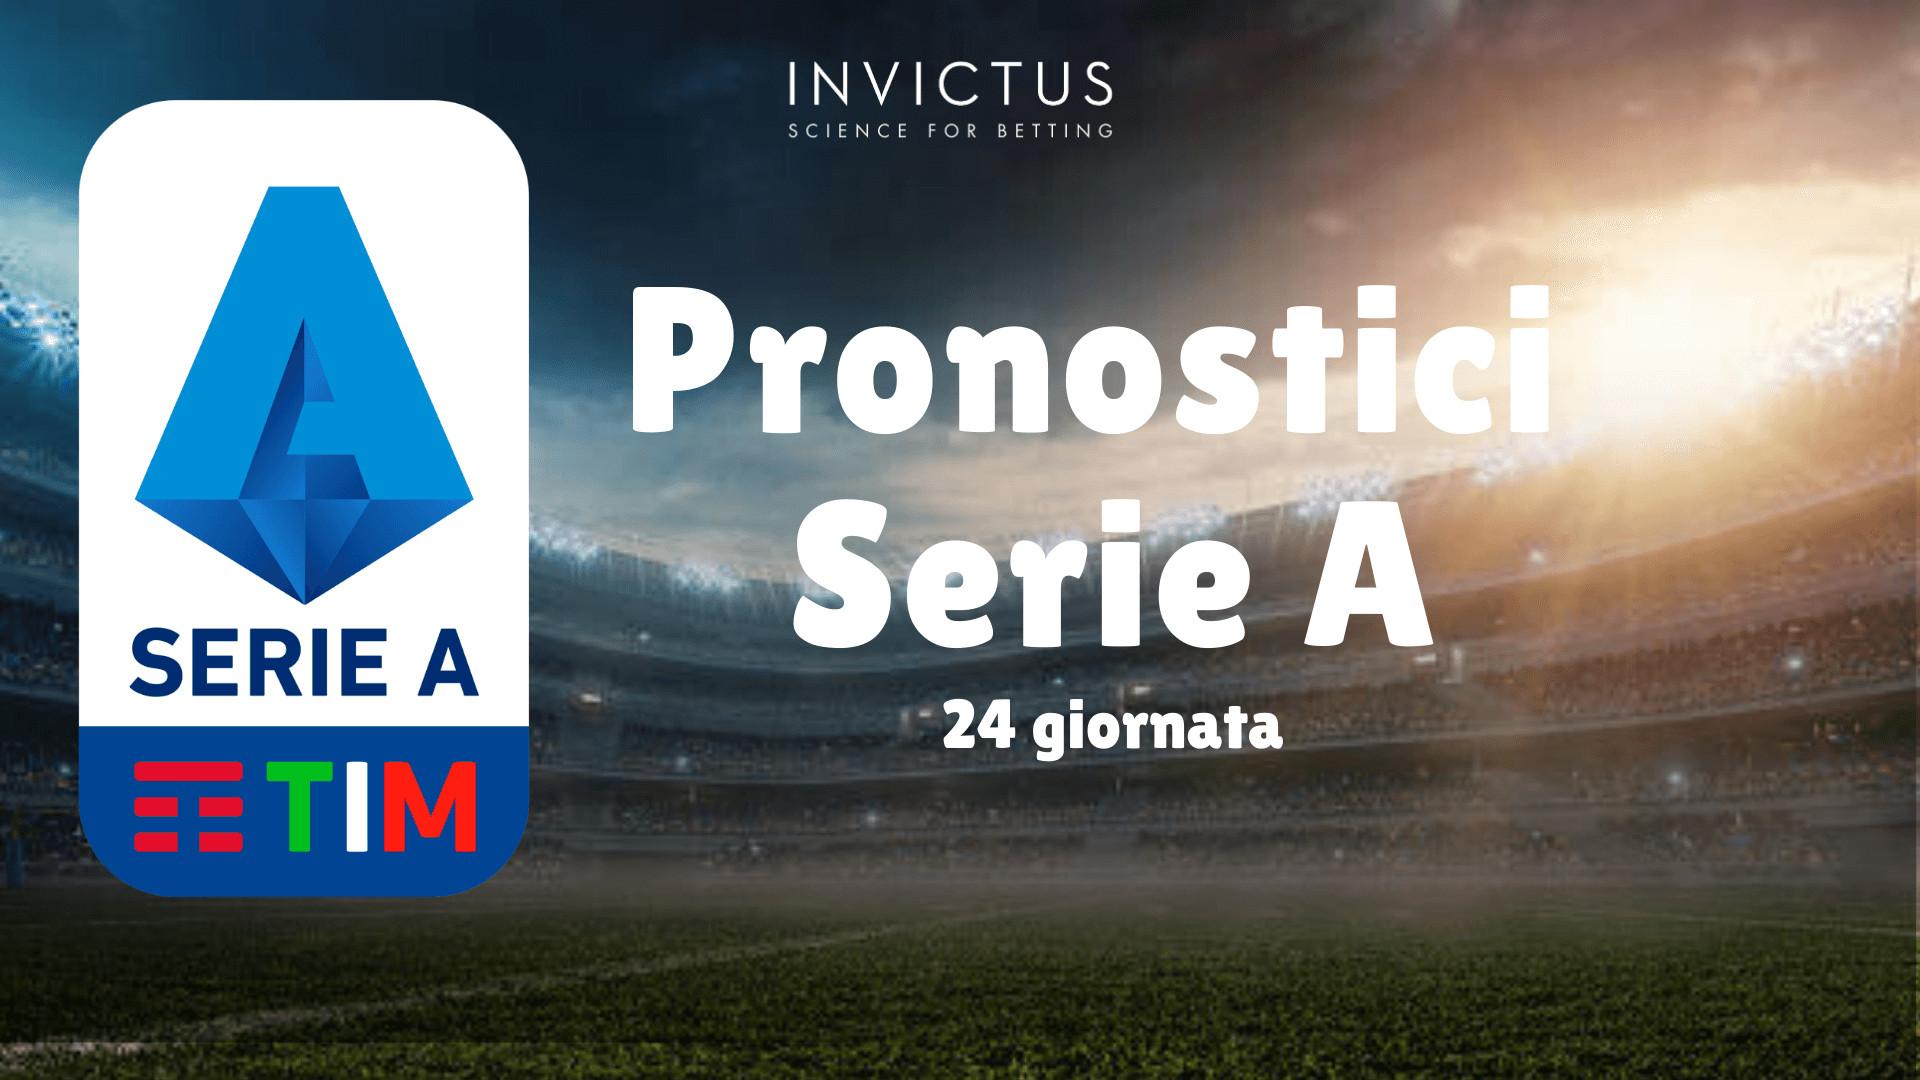 Pronostici Serie A 24 Giornata Invictus Blog